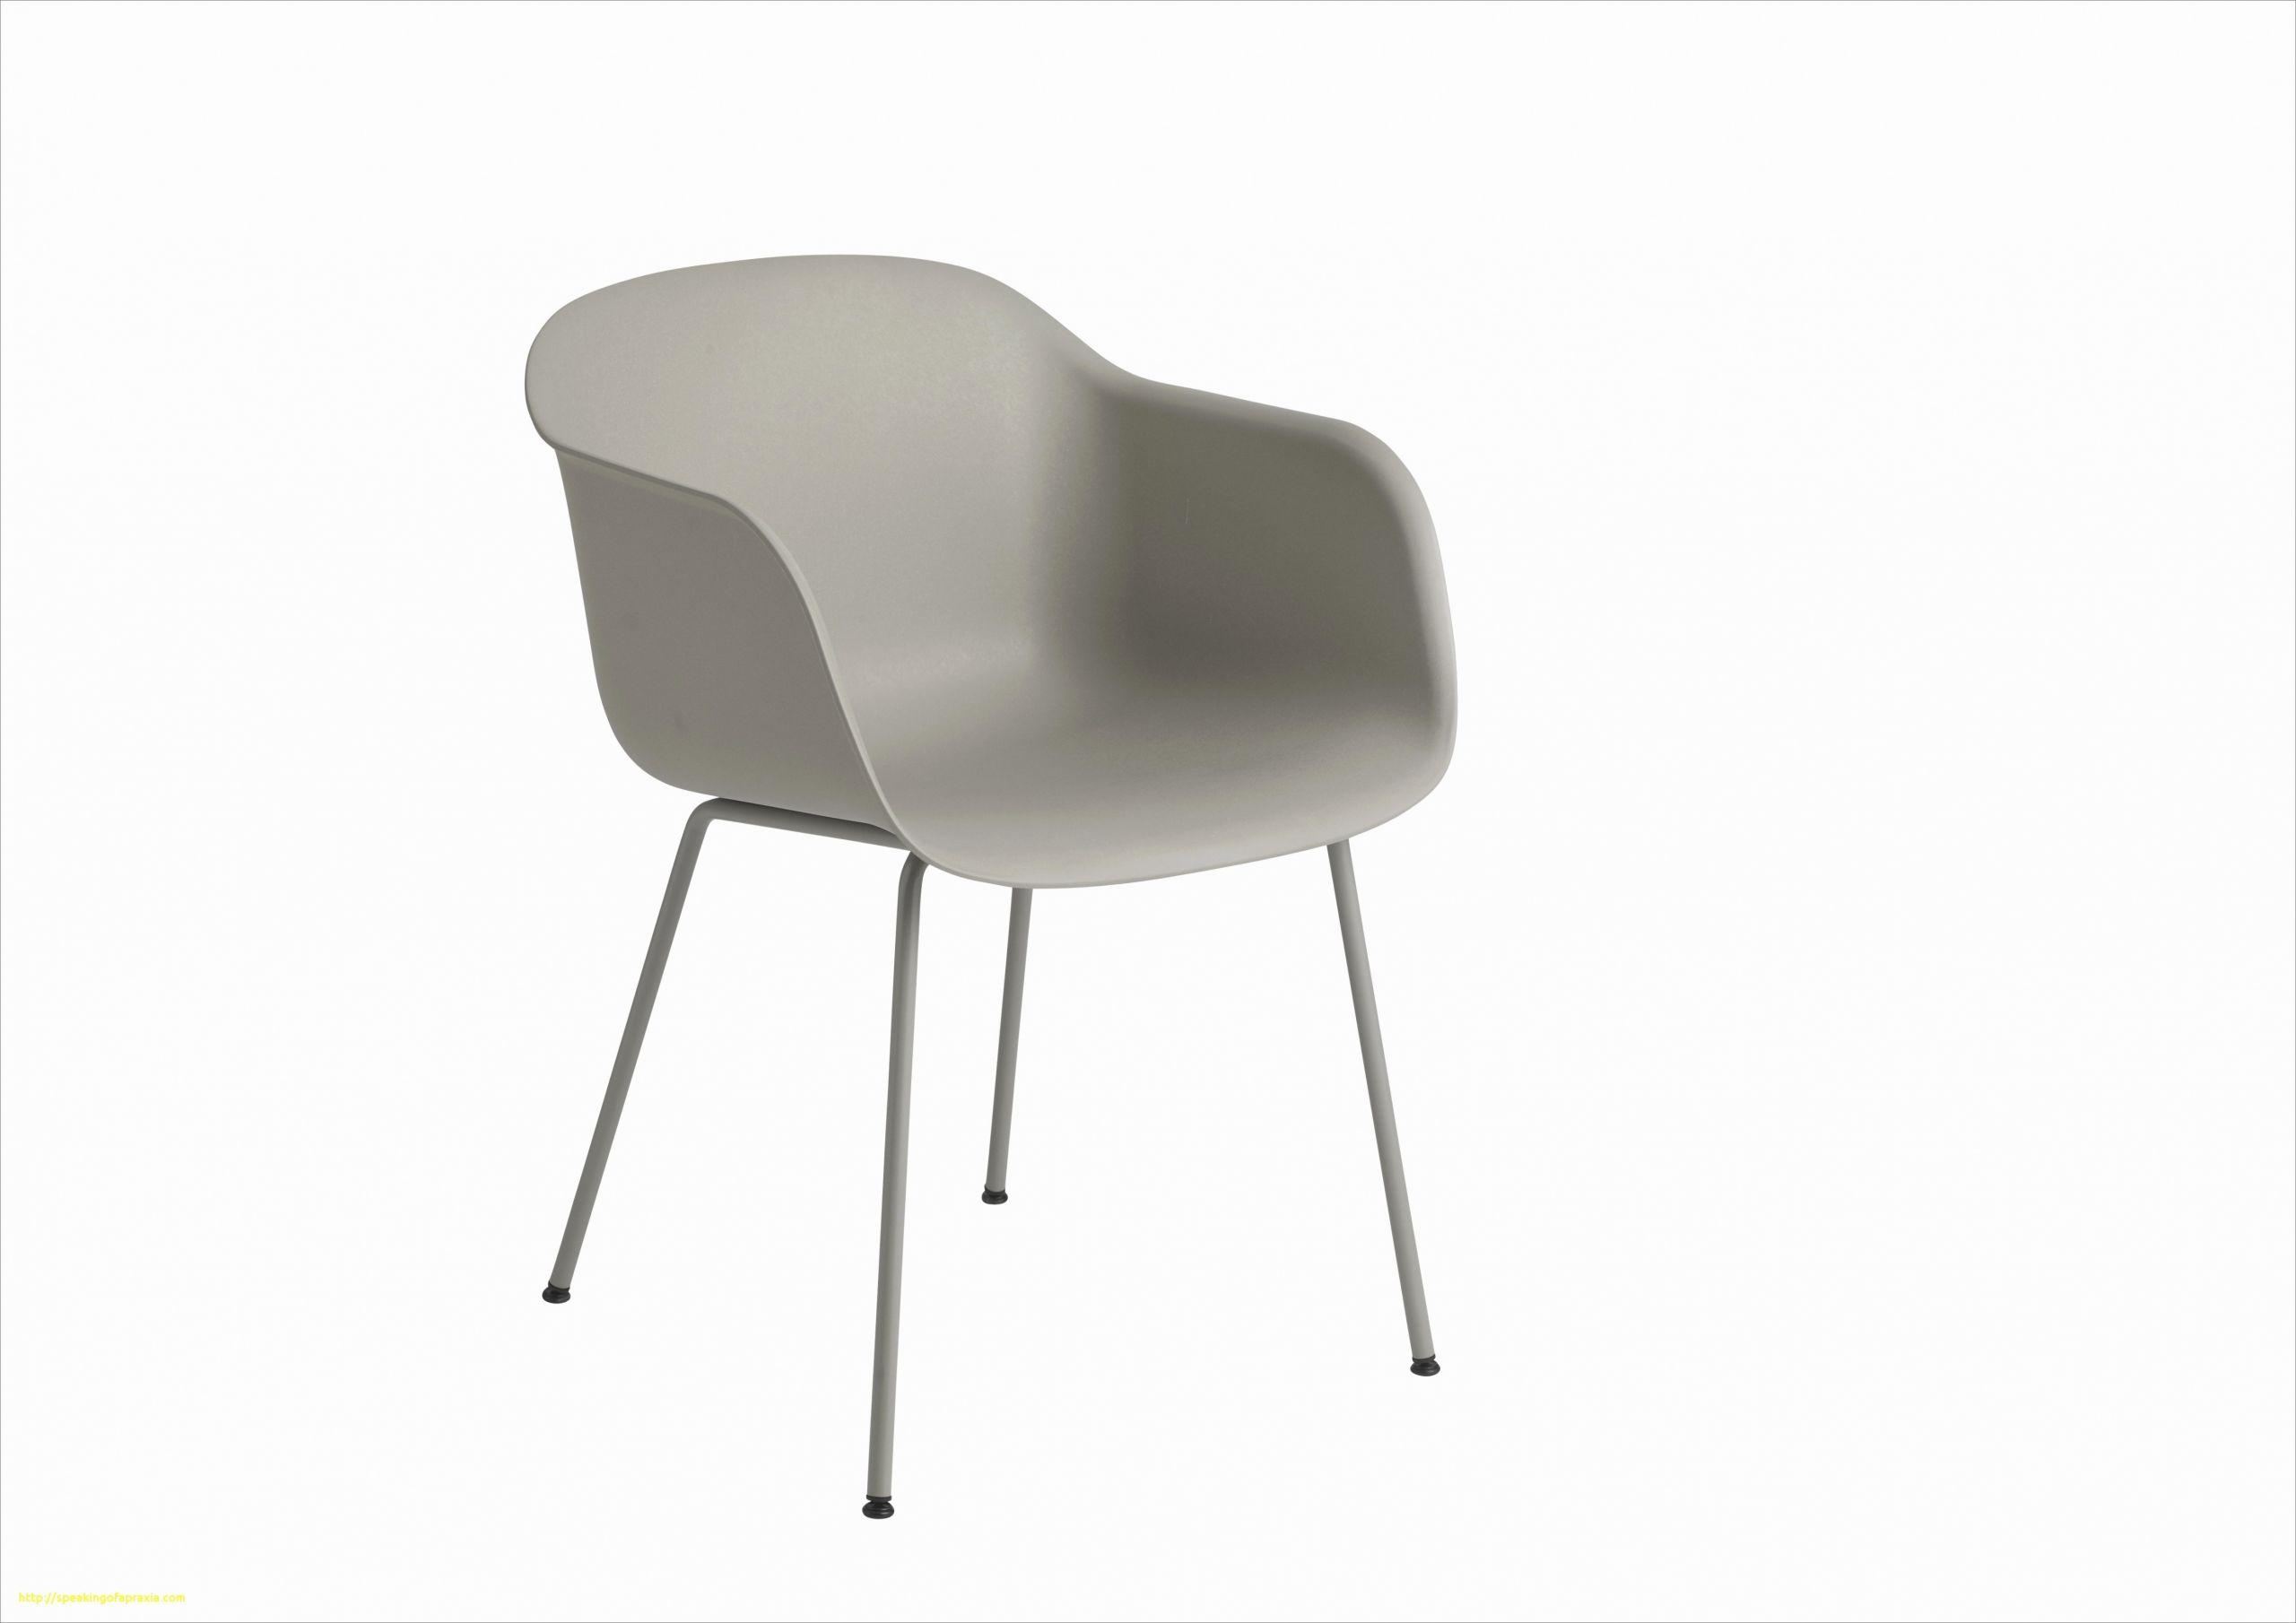 acheter salon de jardin nouveau 0d vintage fauteuil chaise salon frais tissu de table wh9ieyd2 de acheter salon de jardin scaled